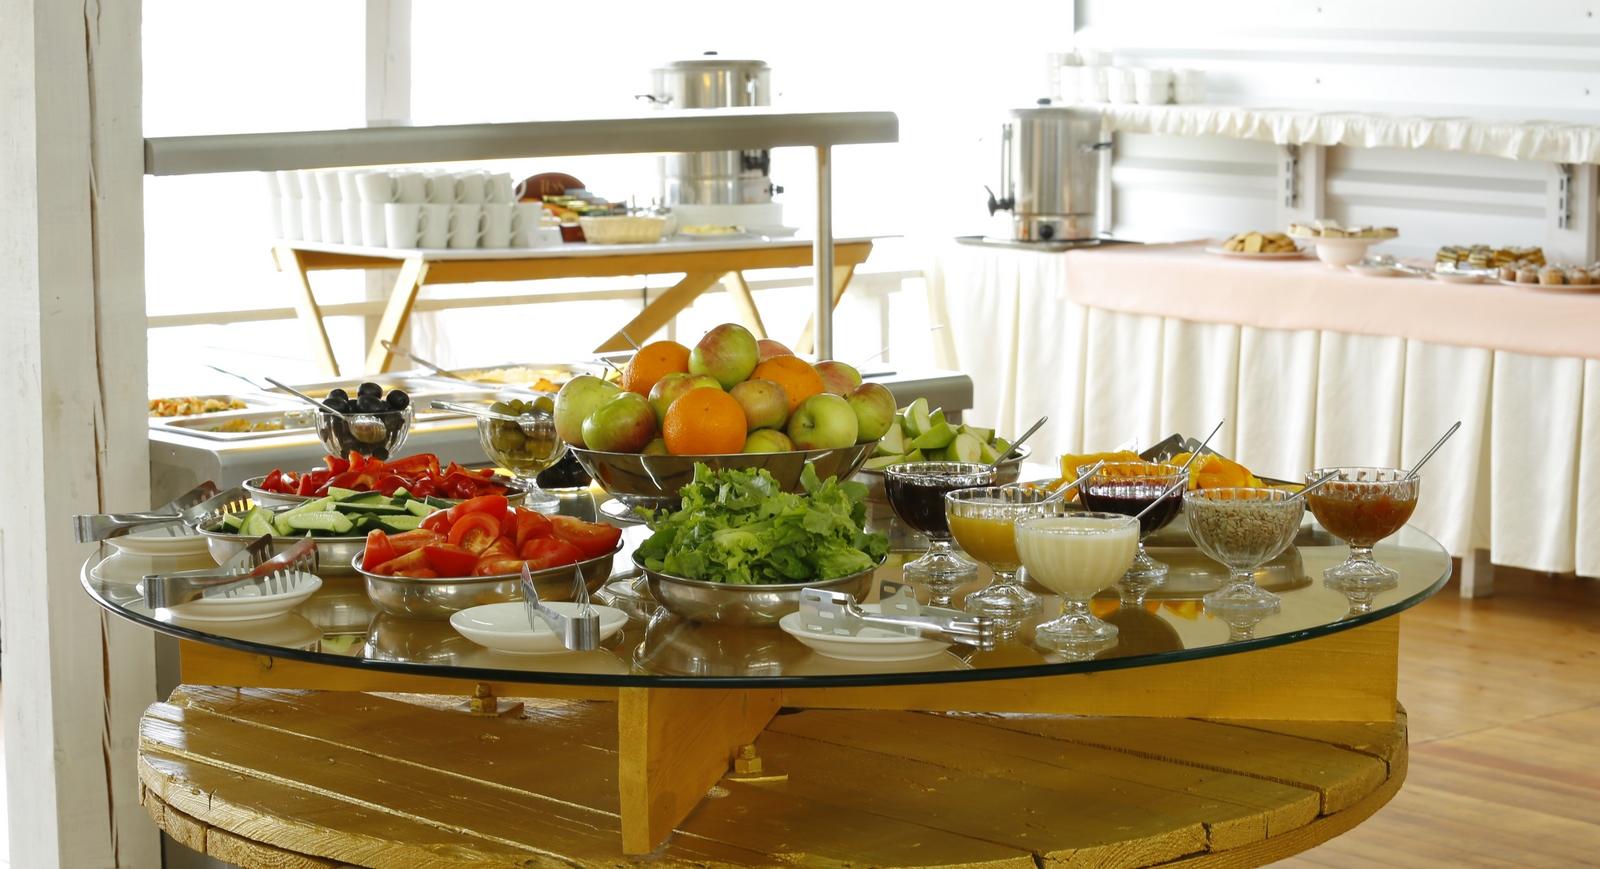 зал для питания по системе шведский стол в отеле